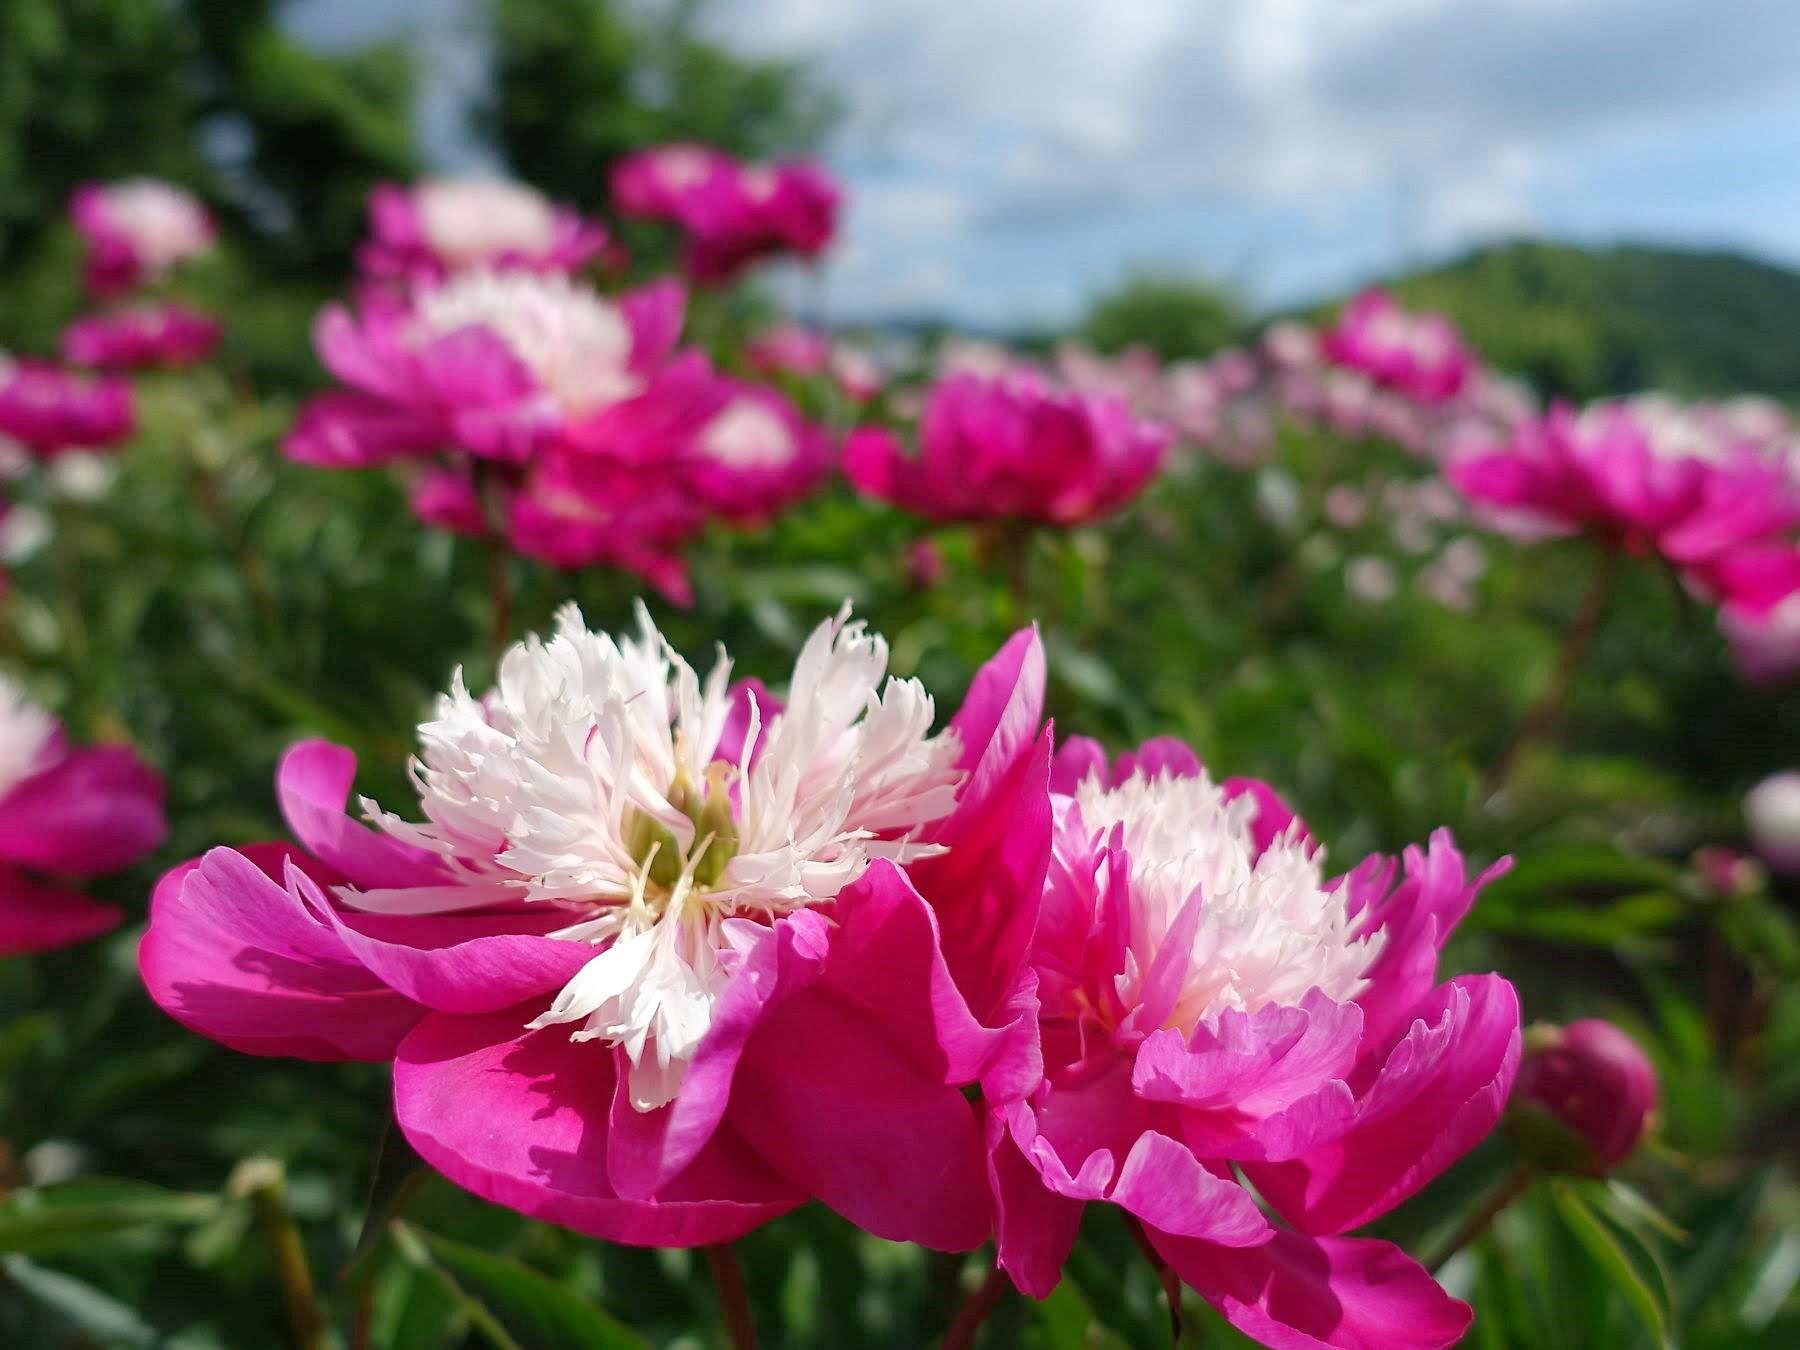 【まとめ】山形の花まつり 第一弾 5月~6月 | 休日は美しい花が咲く公園へ!